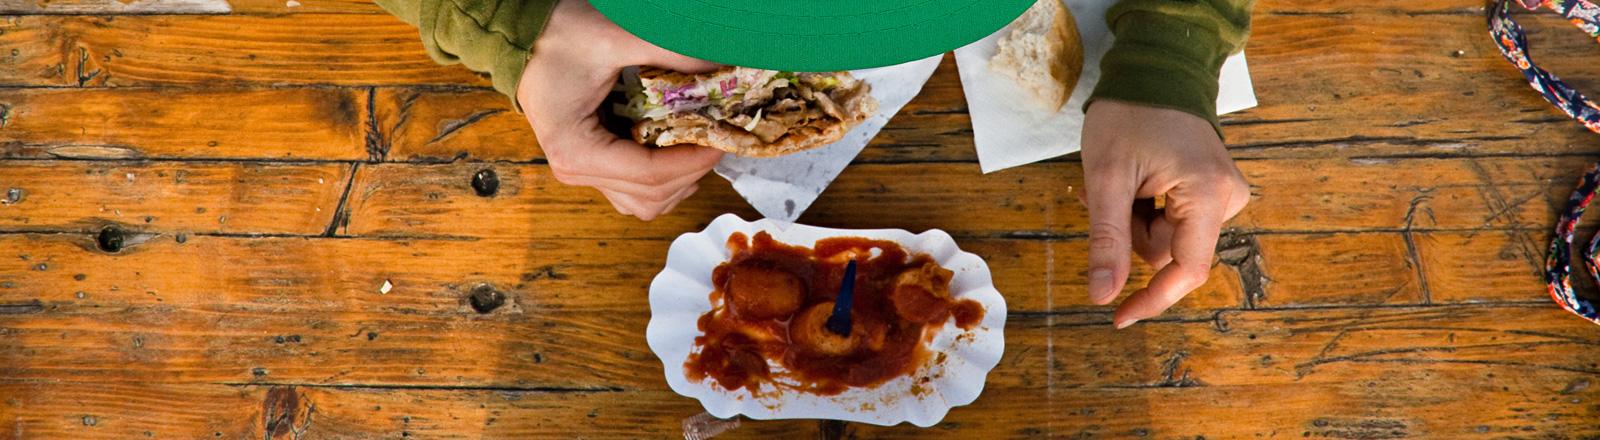 Blick von oben auf einen Tisch, auf dem eine Currywurst steht. Ein Mann, dessen Schirmmütze zu sehen ist, hält einen Döner Kebap in der Hand.